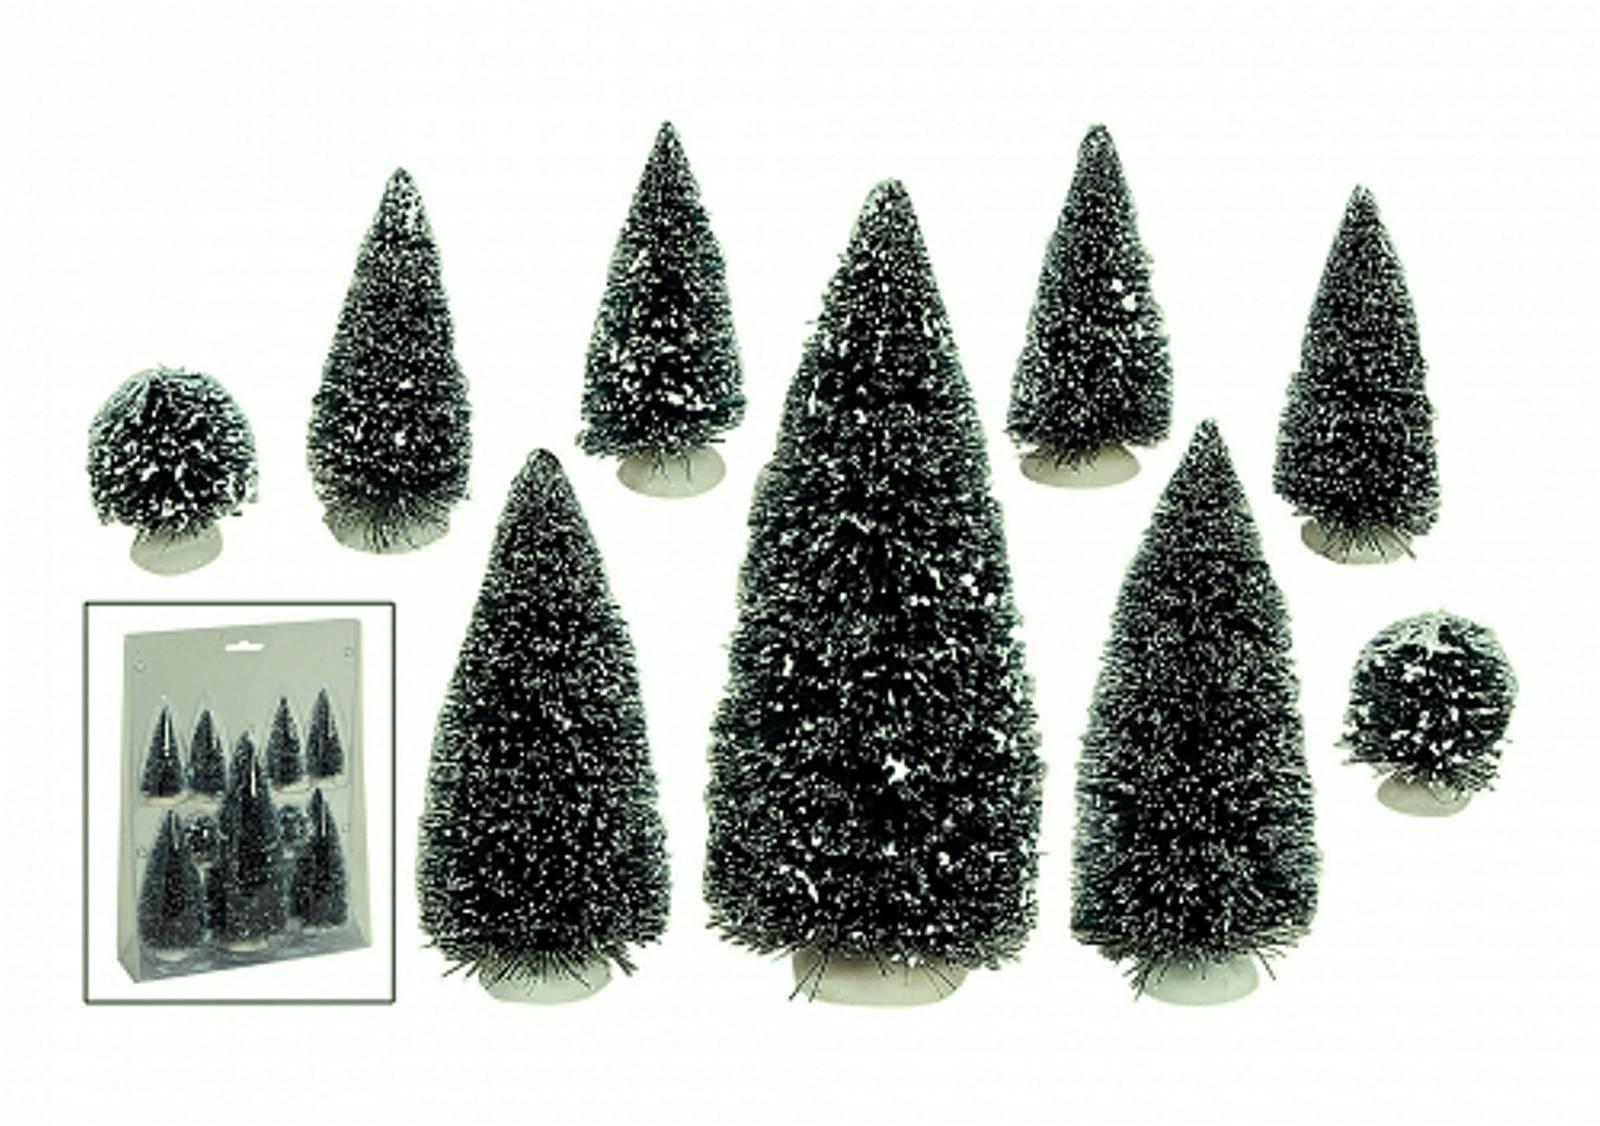 Tannenbaum Set Lichthäuser Wurm Zubehör 9 Teile Tannen Baum Set Weihnachts Baum